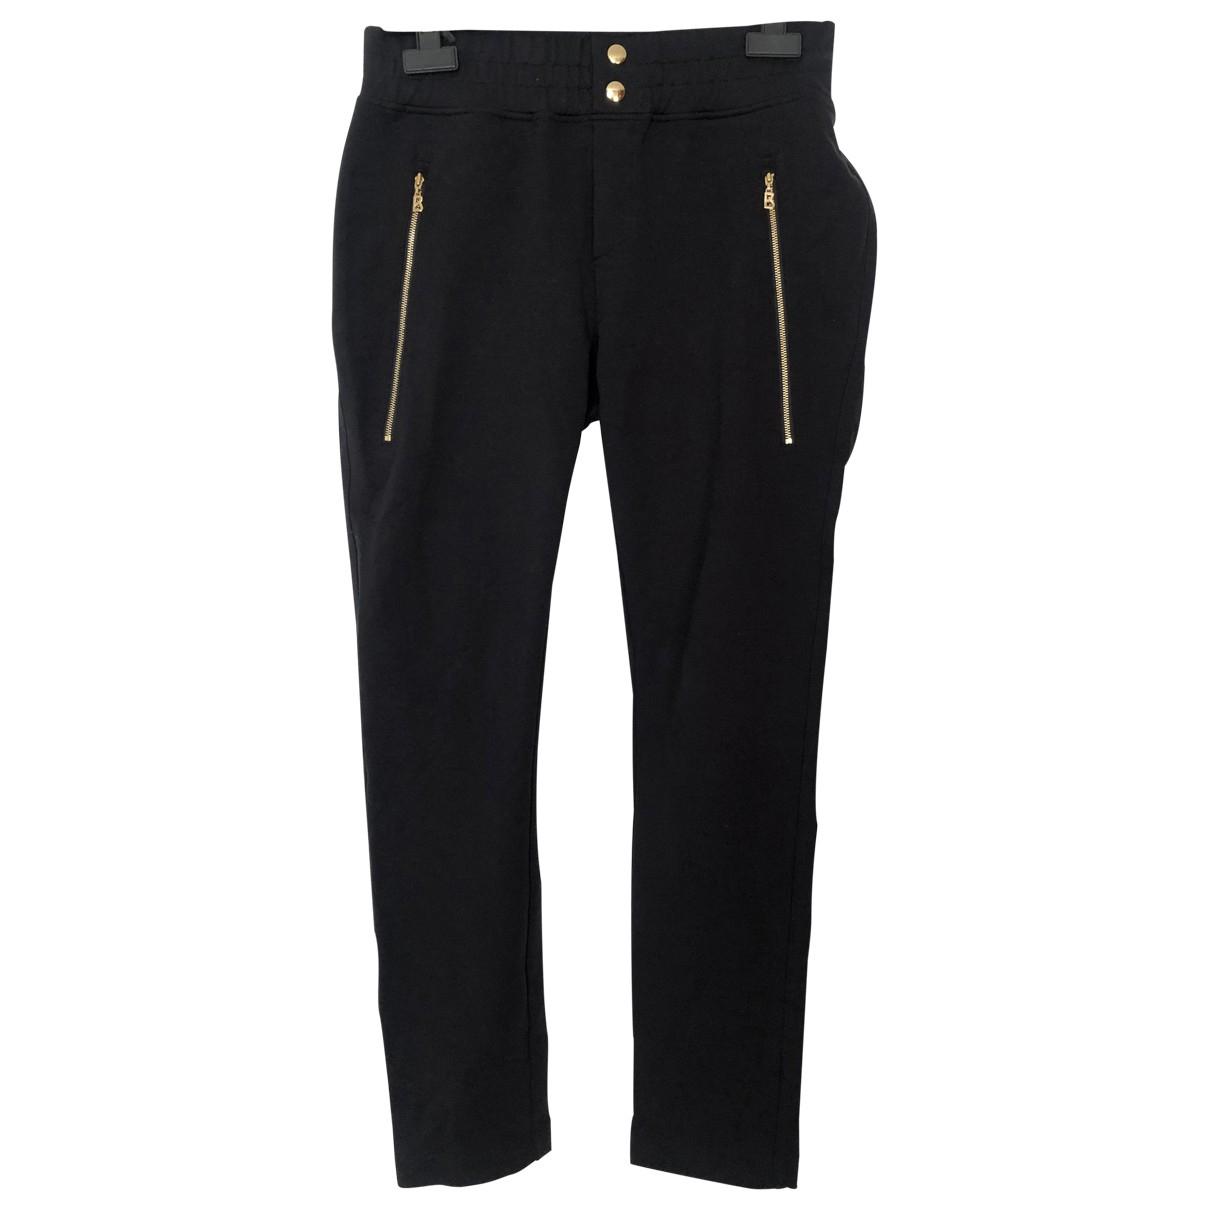 Bogner \N Black Cotton Trousers for Women S International